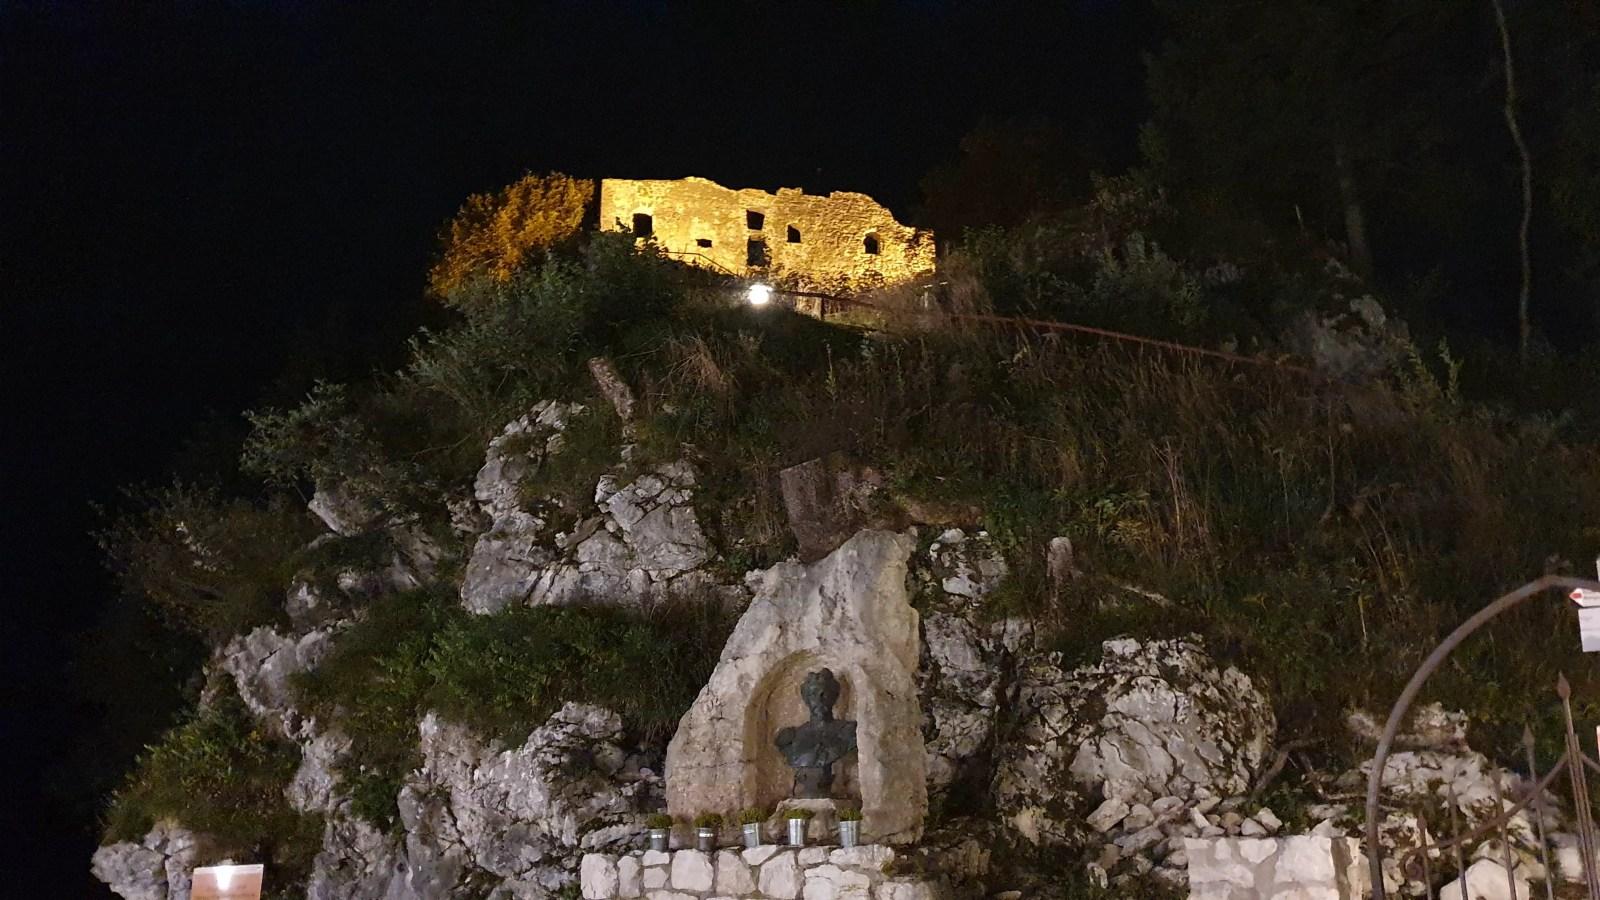 Sehnsuchtsort Schlosspark, Romantische Ausflüge im Allgäu, Deutschlands höchste Burg, Burg Falkenstein im Allgäu